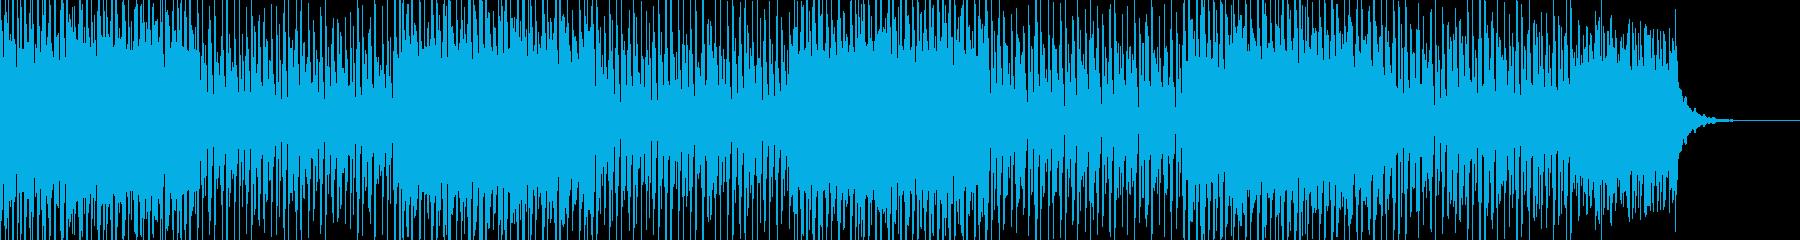 おしゃれなチルアウトBGMの再生済みの波形